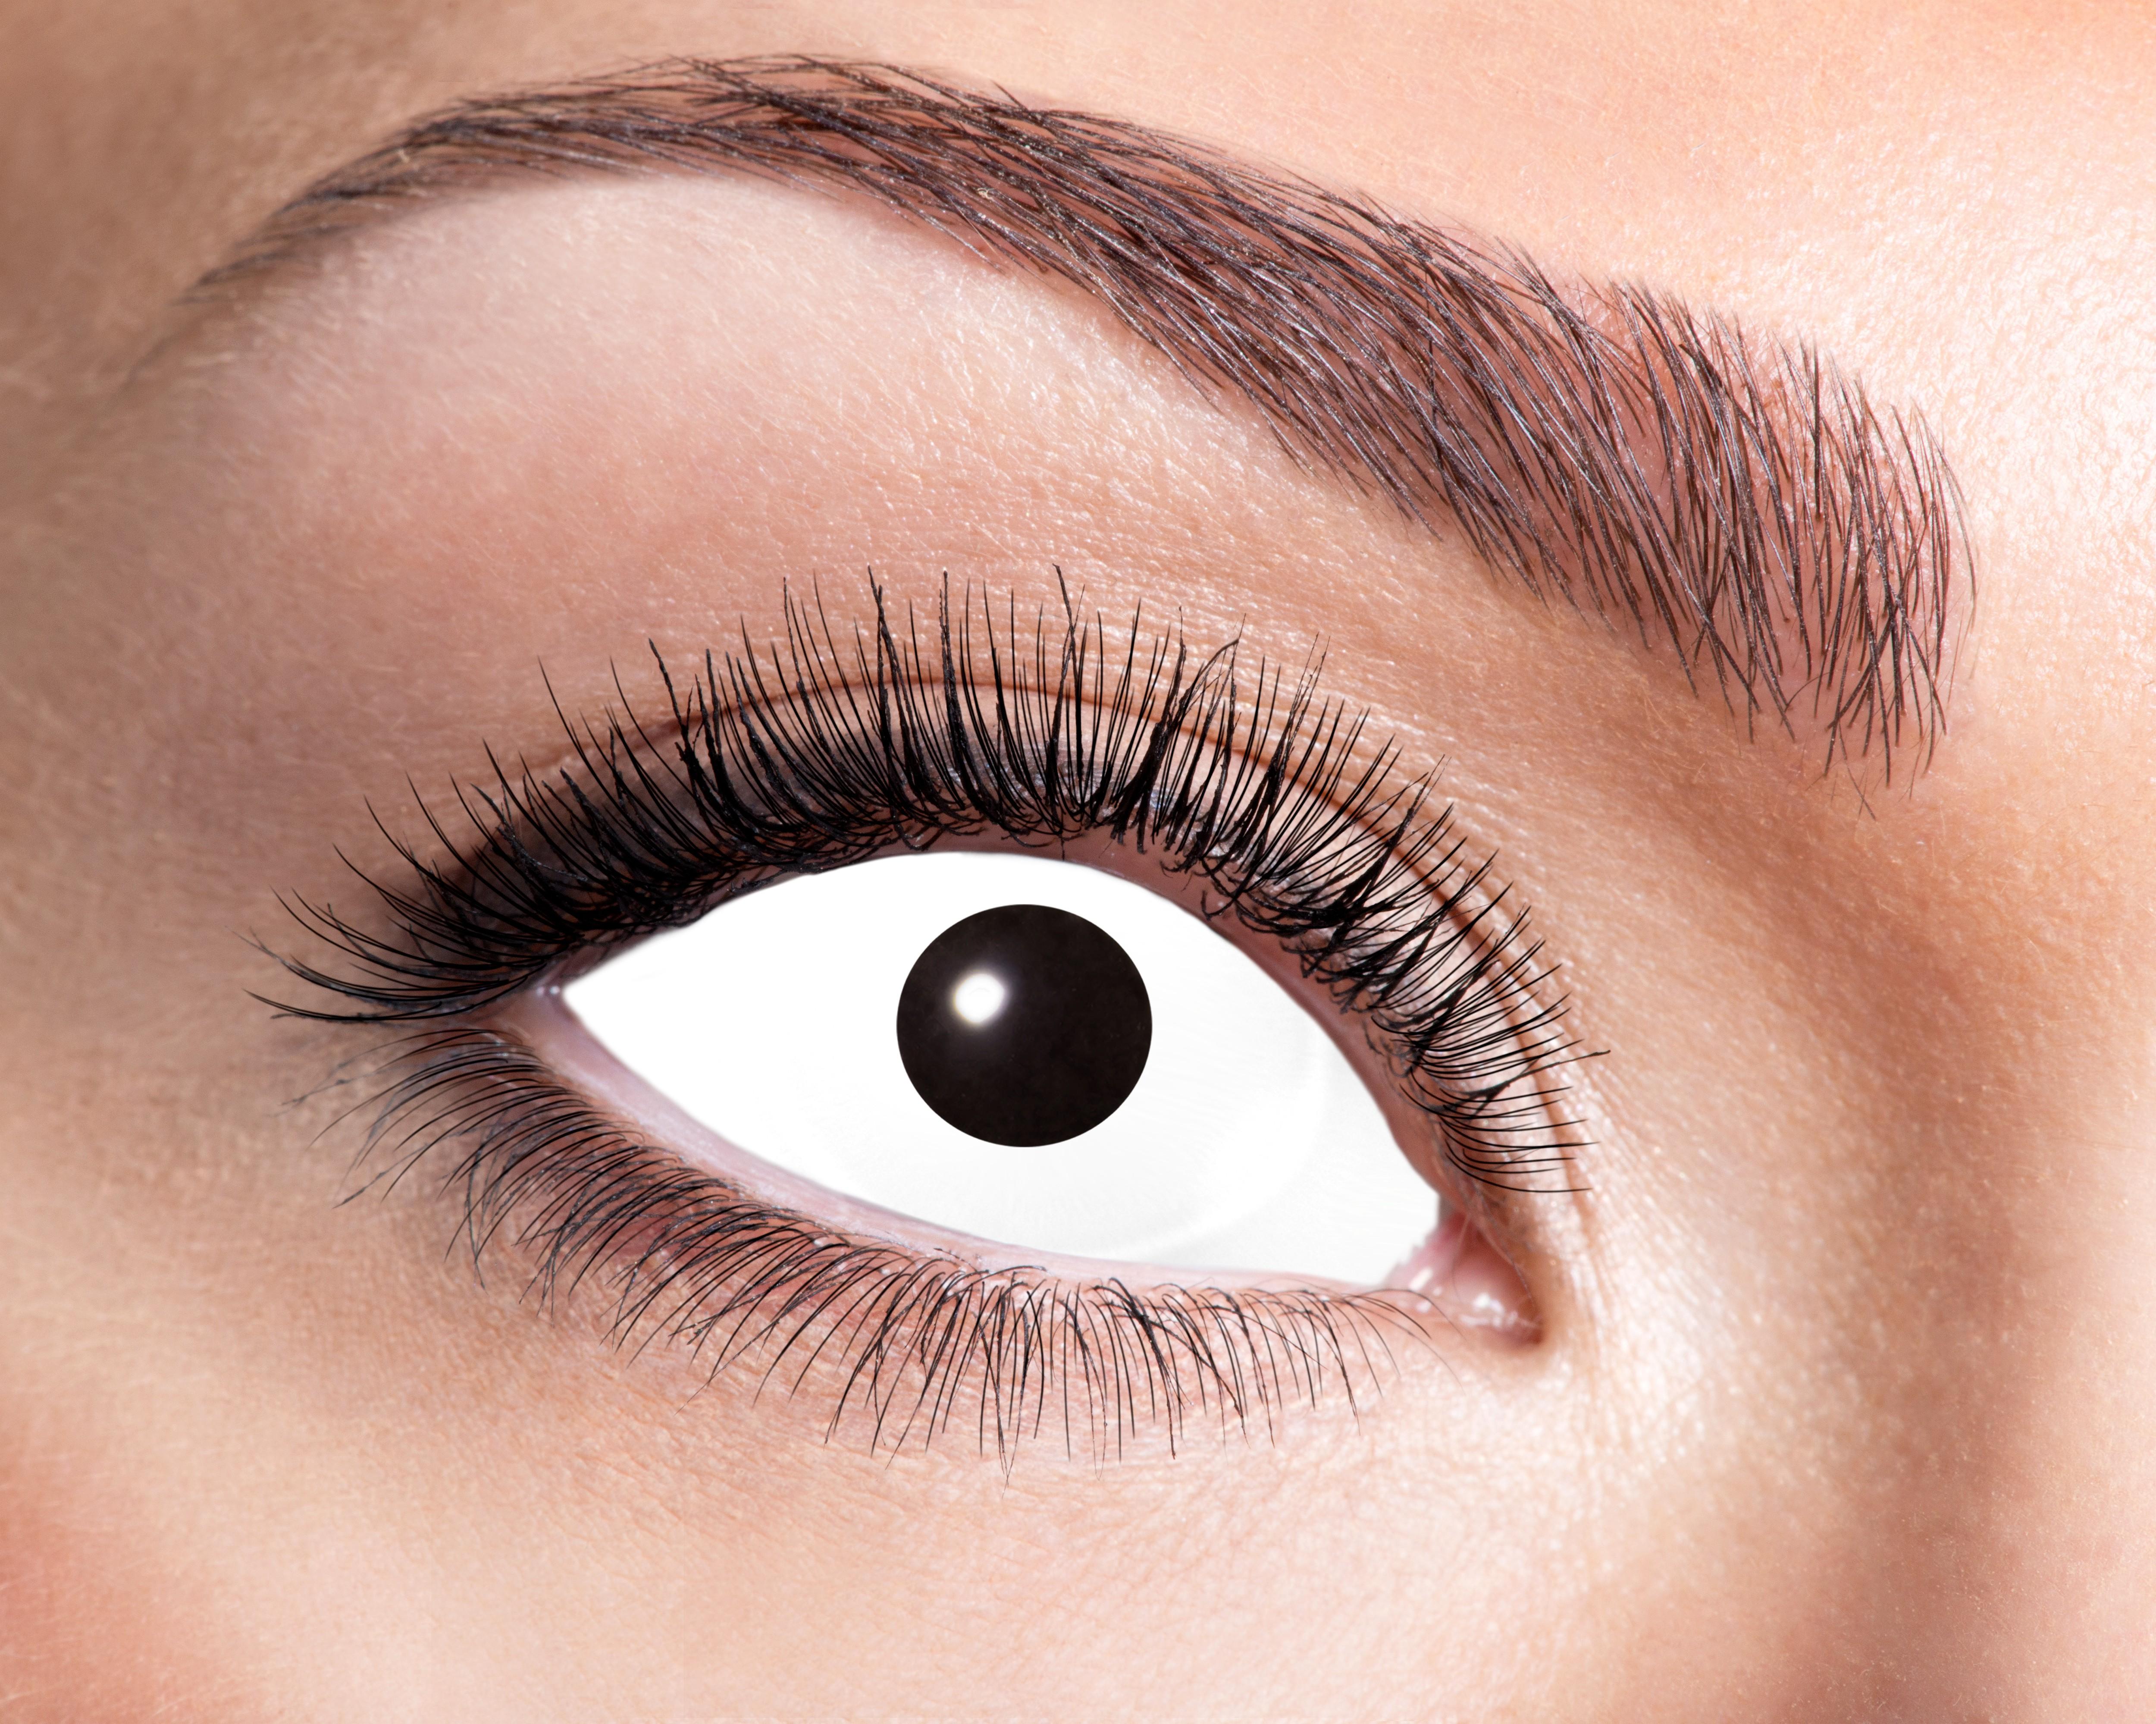 Hvid sclera kontaktlinser